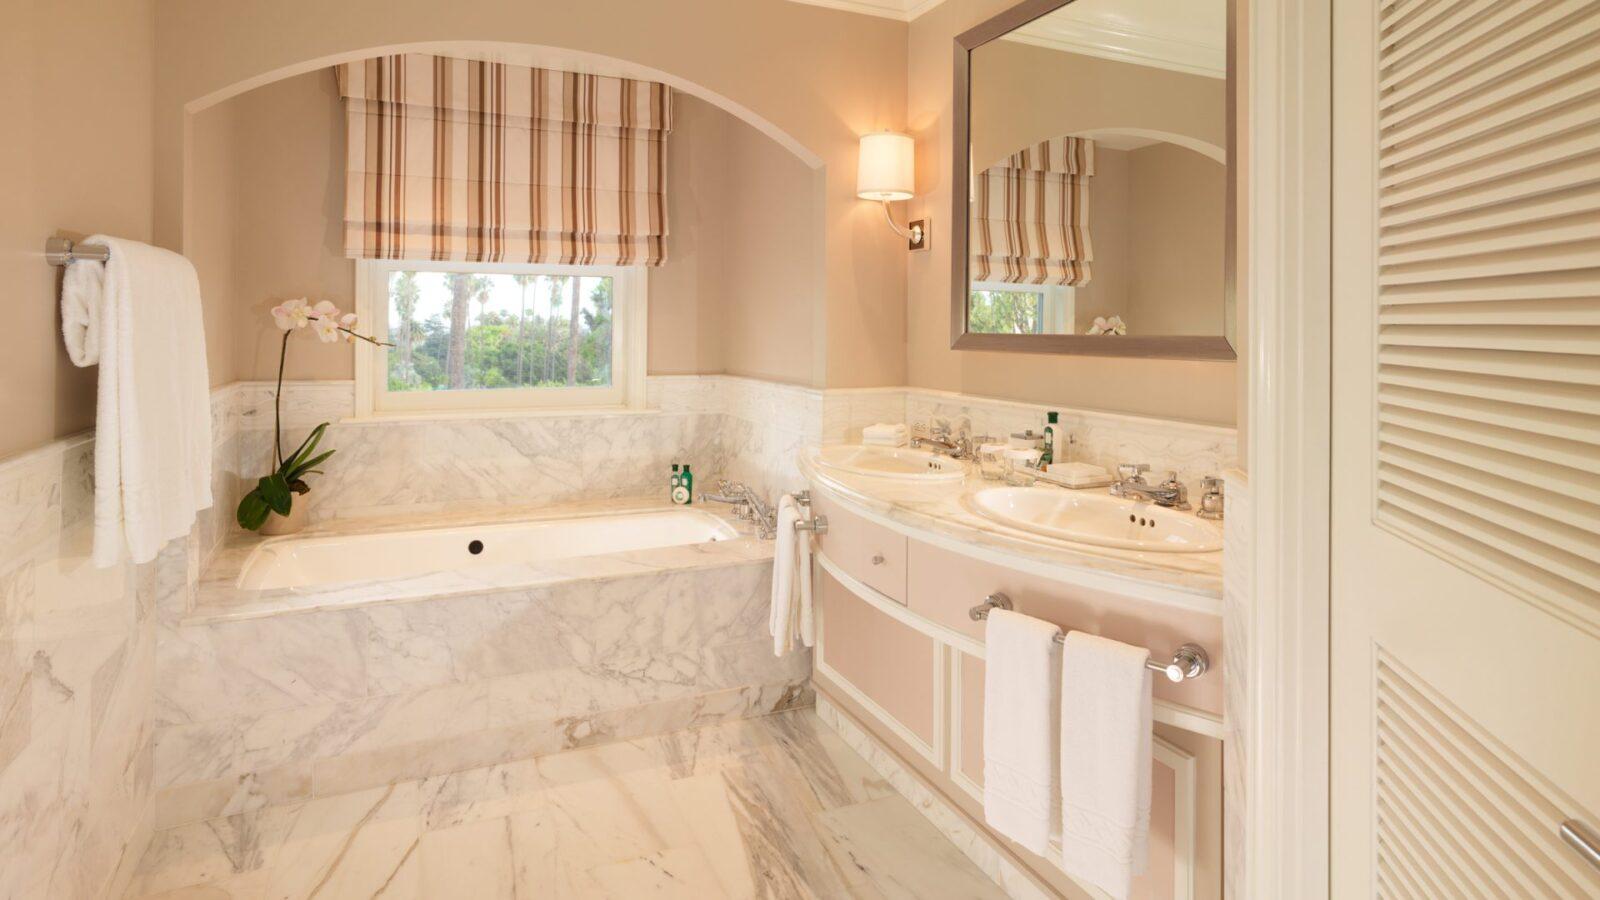 Bathrooms of lavish luxury